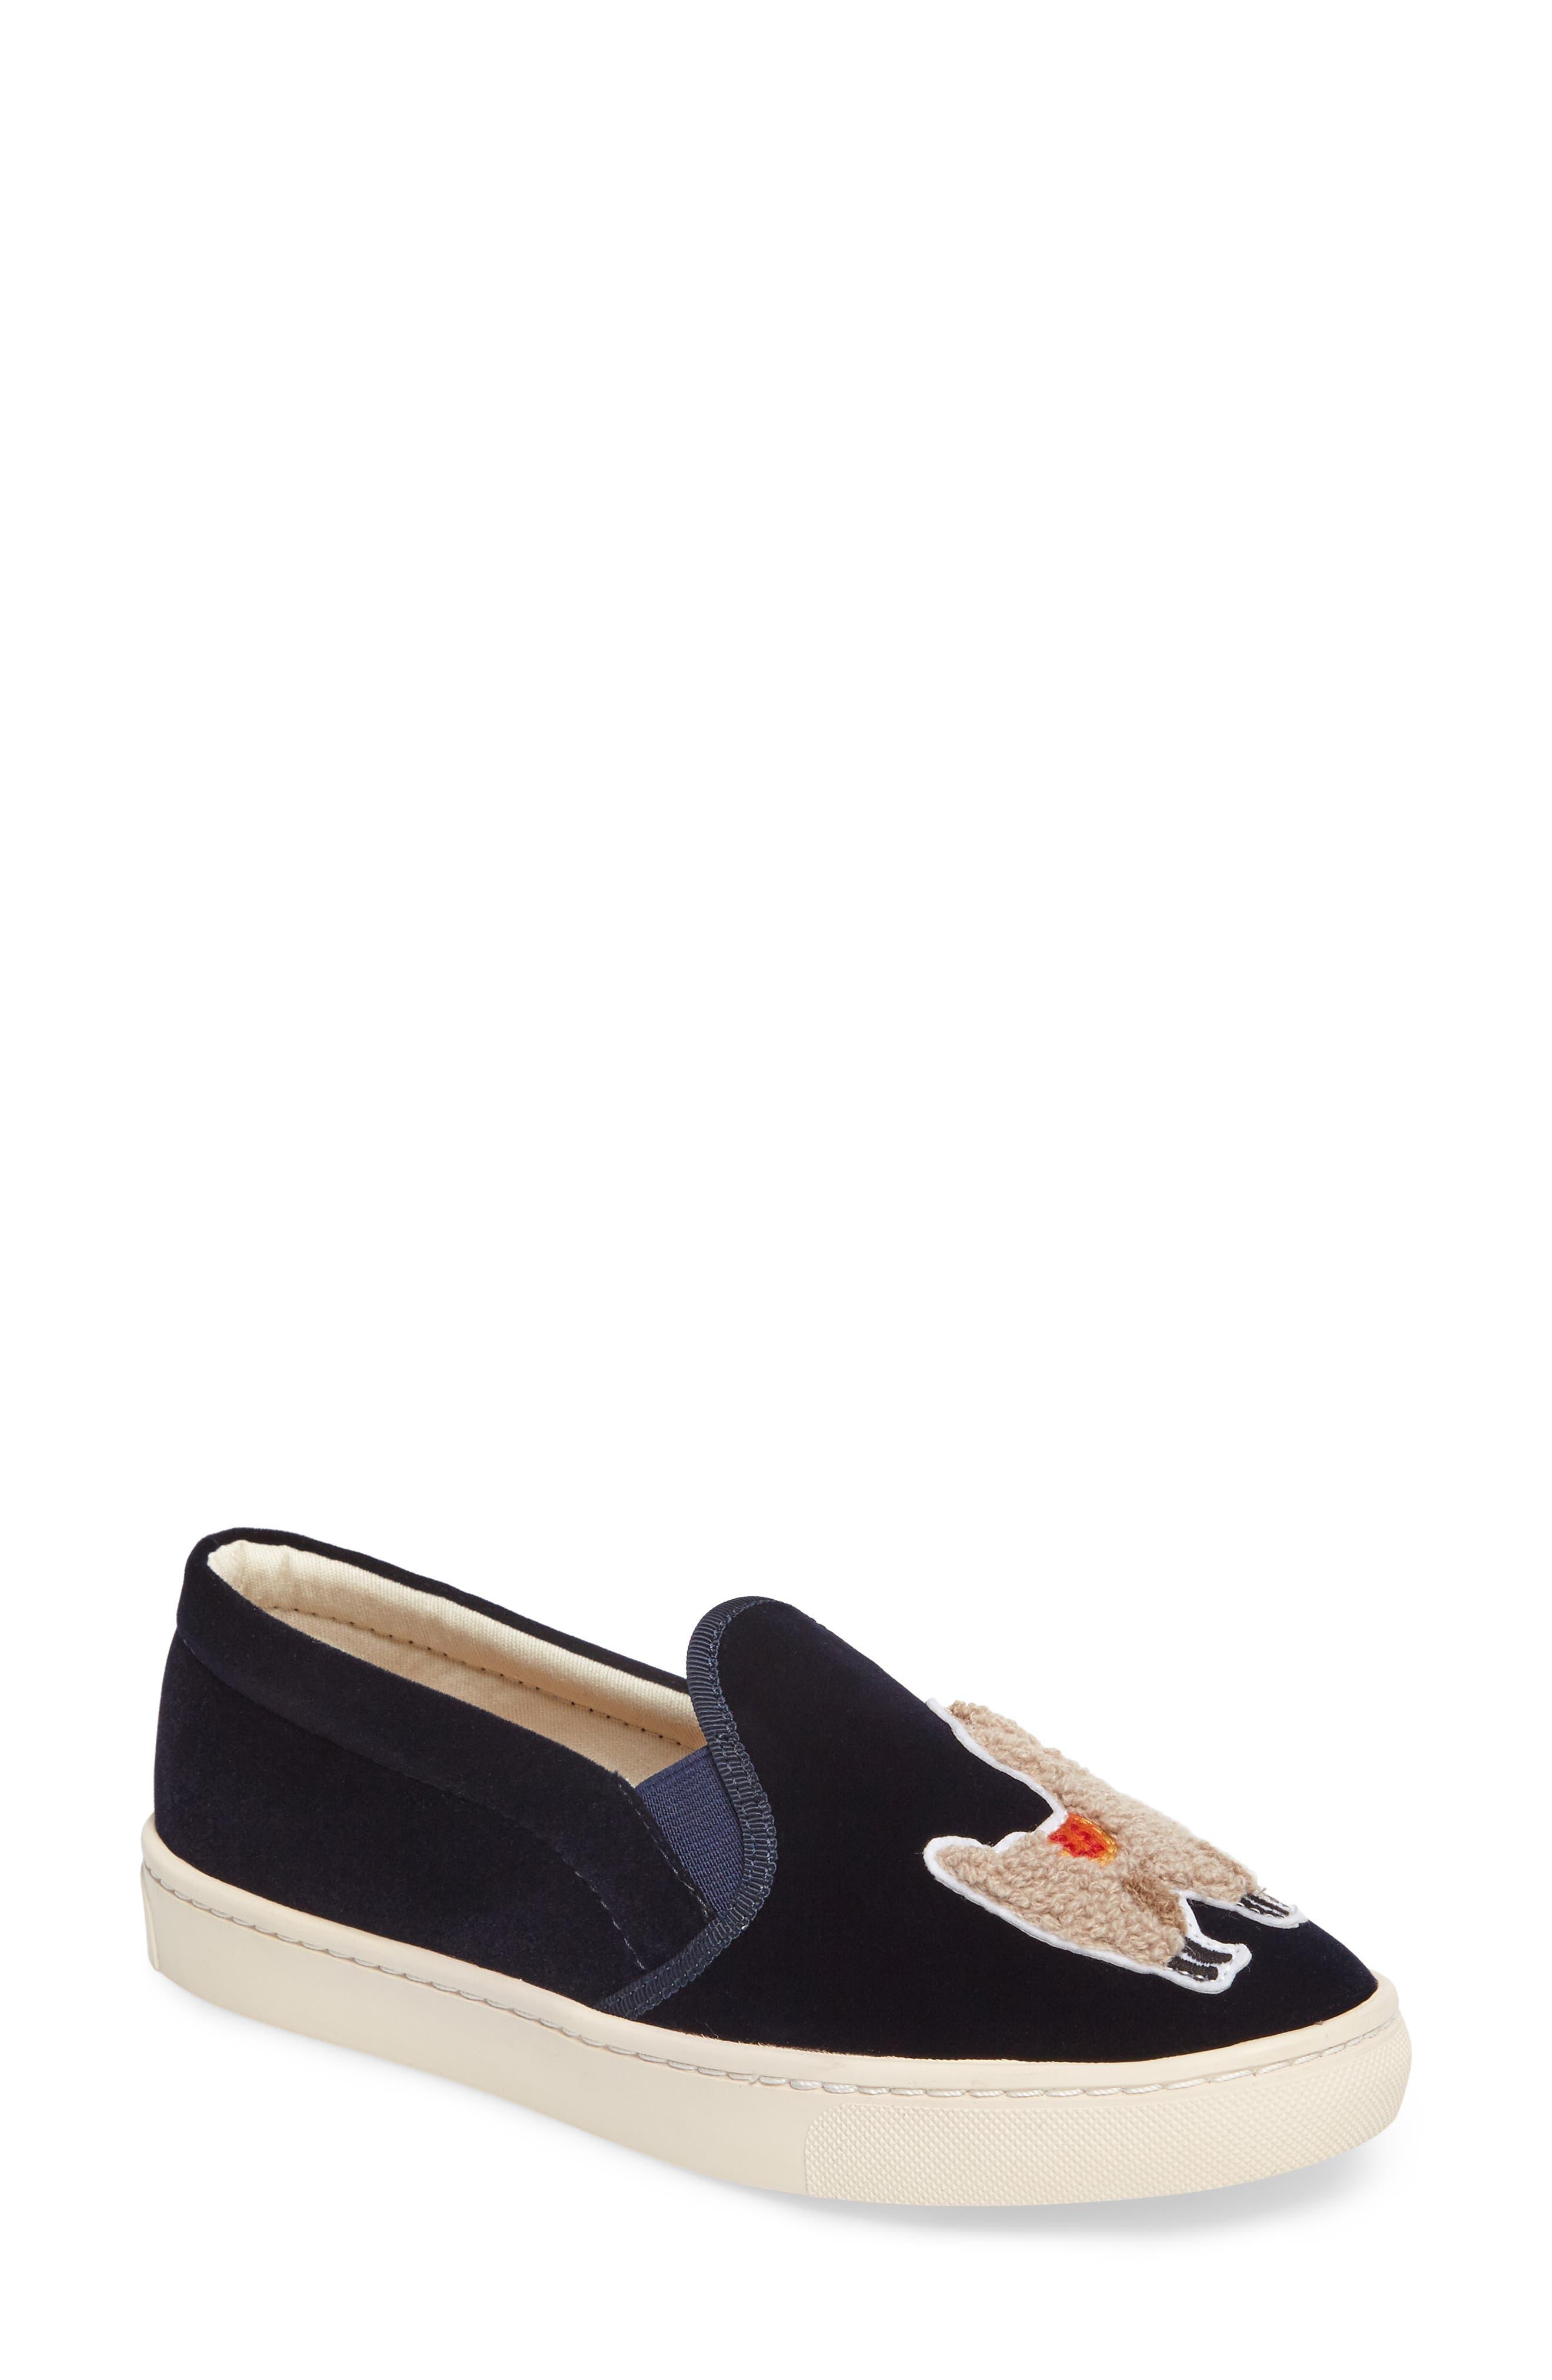 Main Image - Soludos Velvet Sneaker (Women)